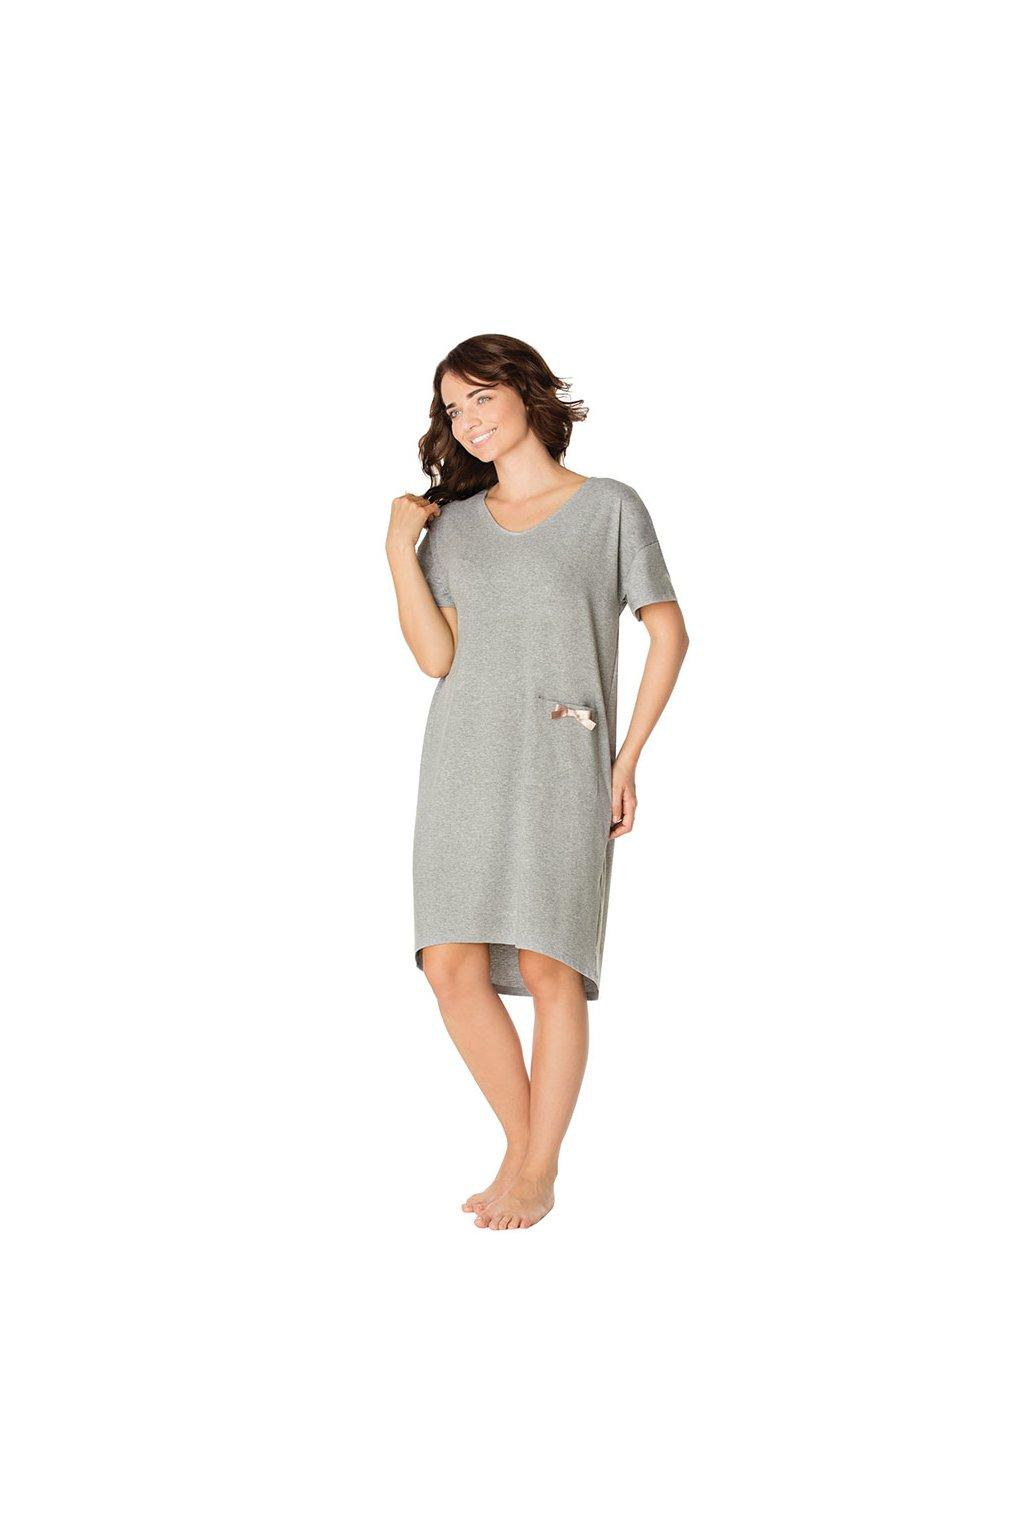 Dámská noční košile s krátkým rukávem, 104437 36, šedá